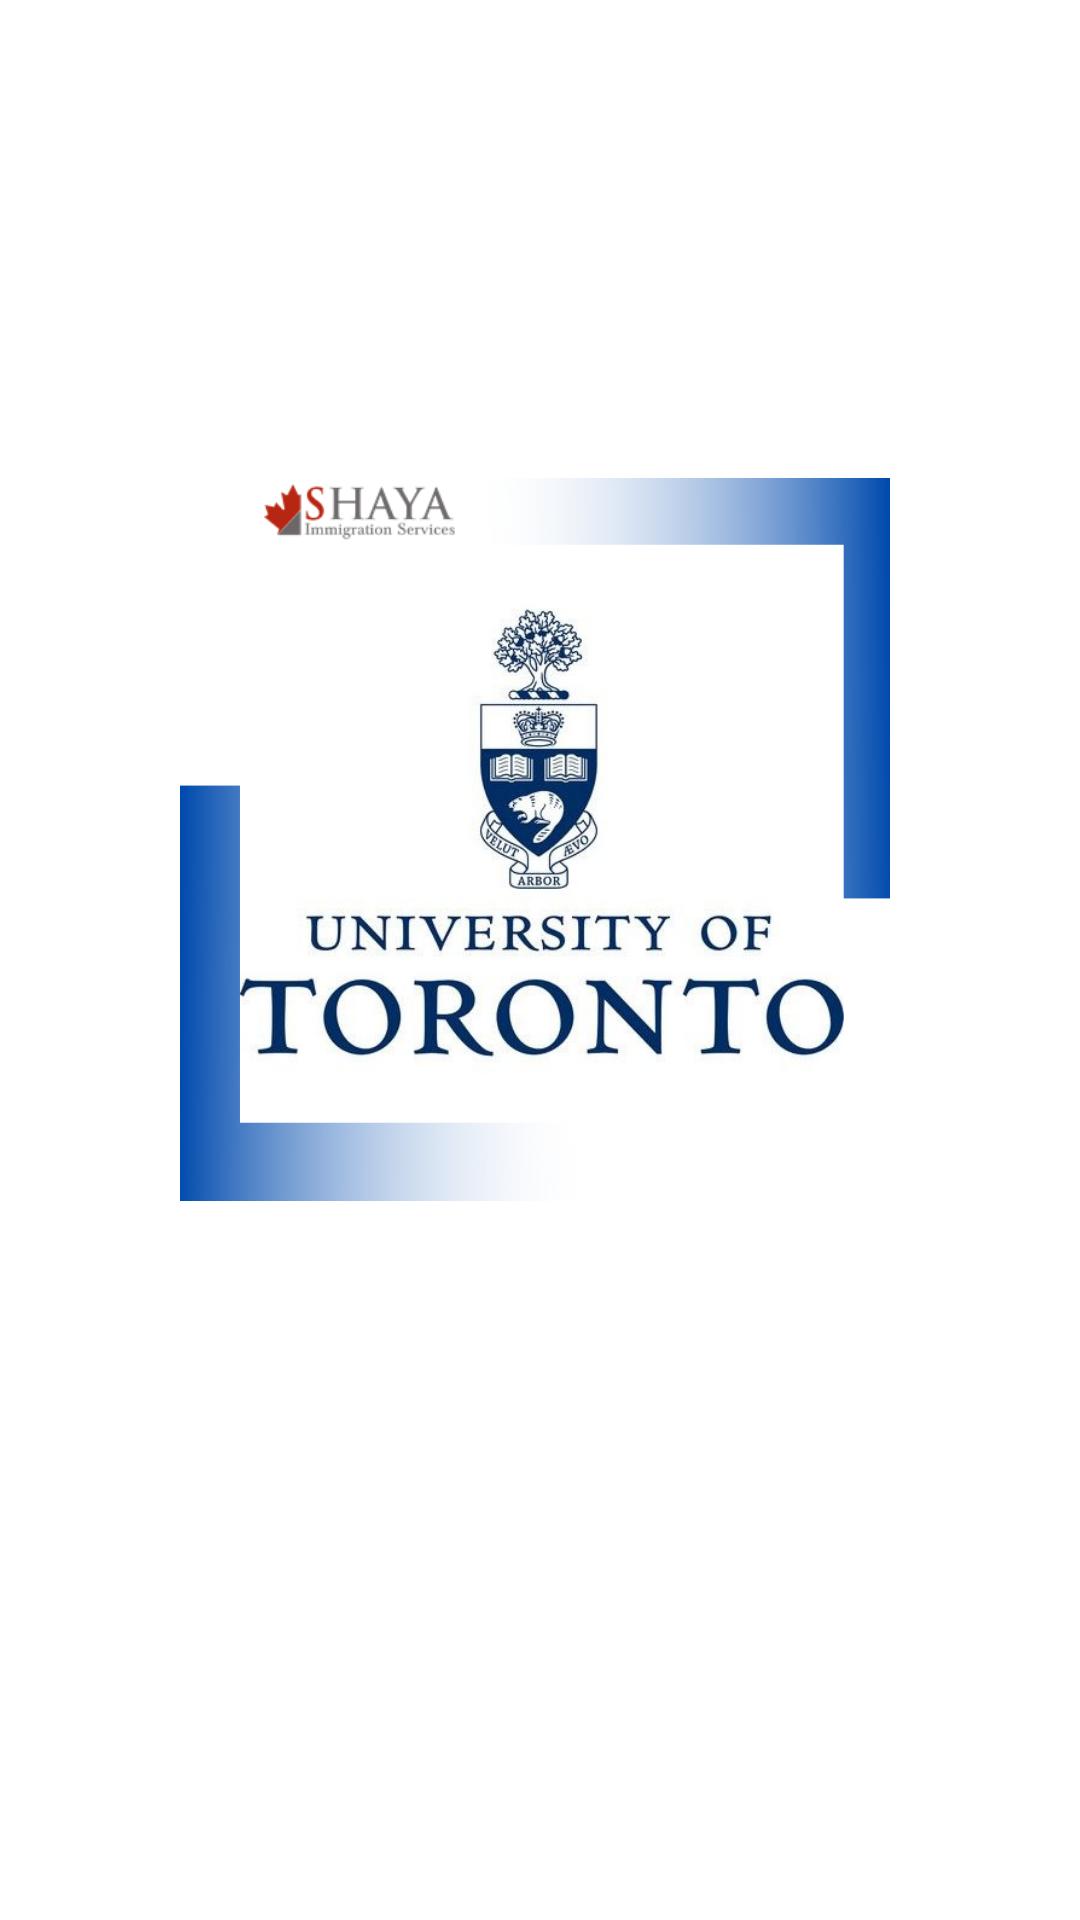 لوگو دانشگاه تورنتو